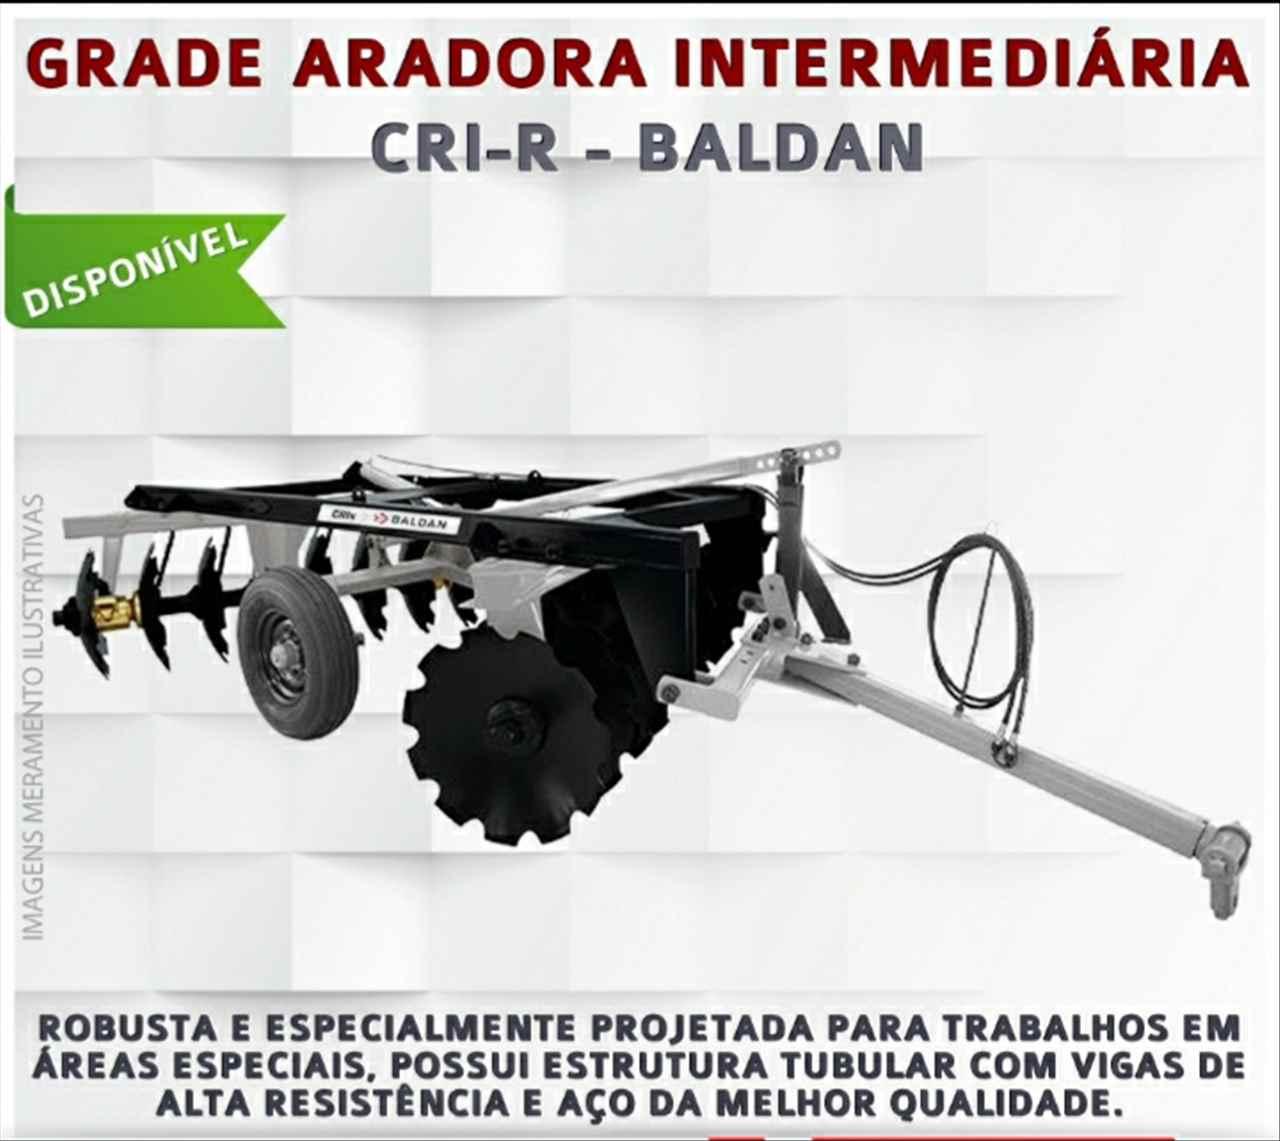 INTERMEDIÁRIA 16 DISCOS de Gerominho Implementos Agrícolas - UBERLANDIA/MG